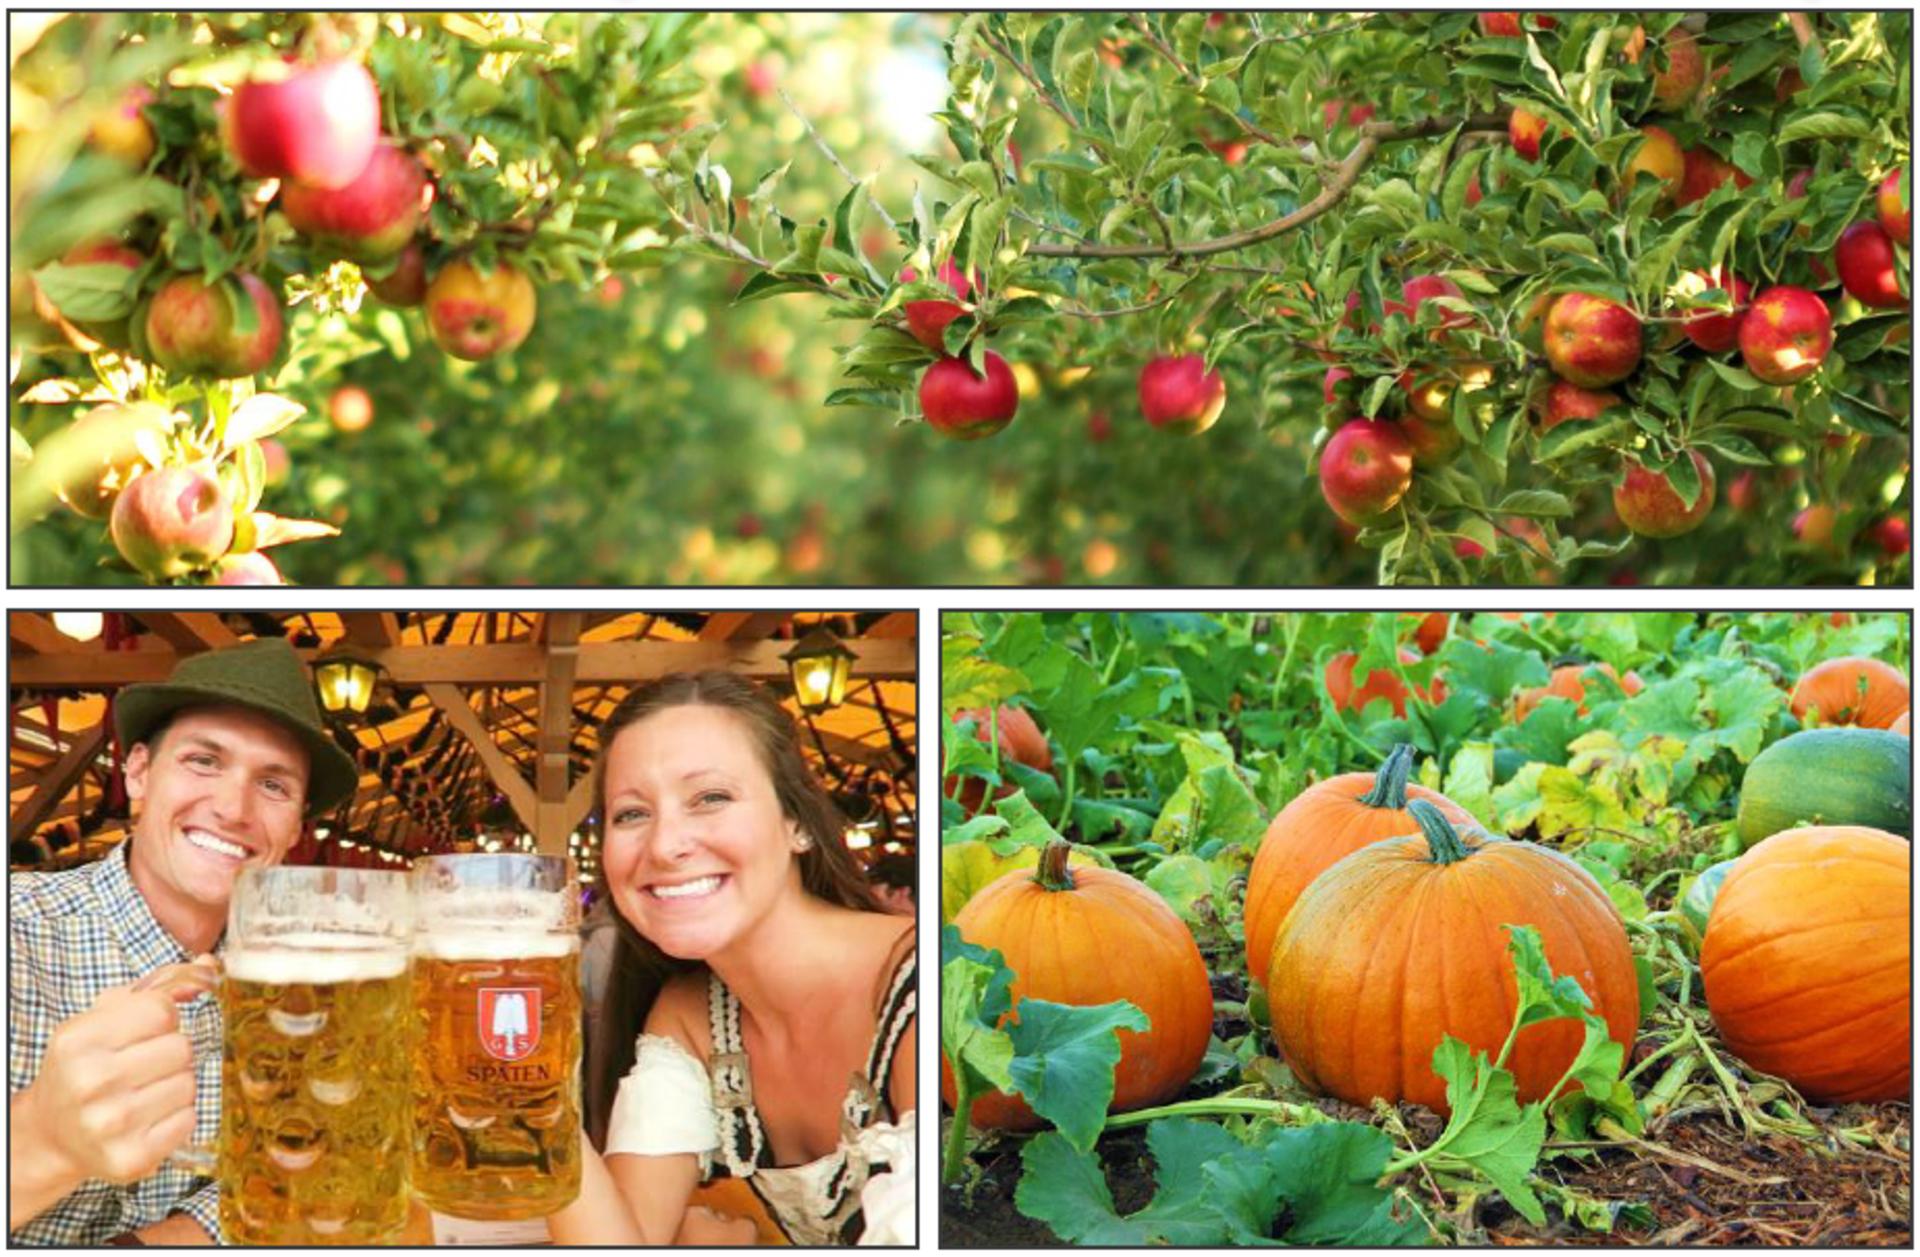 Schulien and Associates' Weekend Guide: (Sept. 28-30)